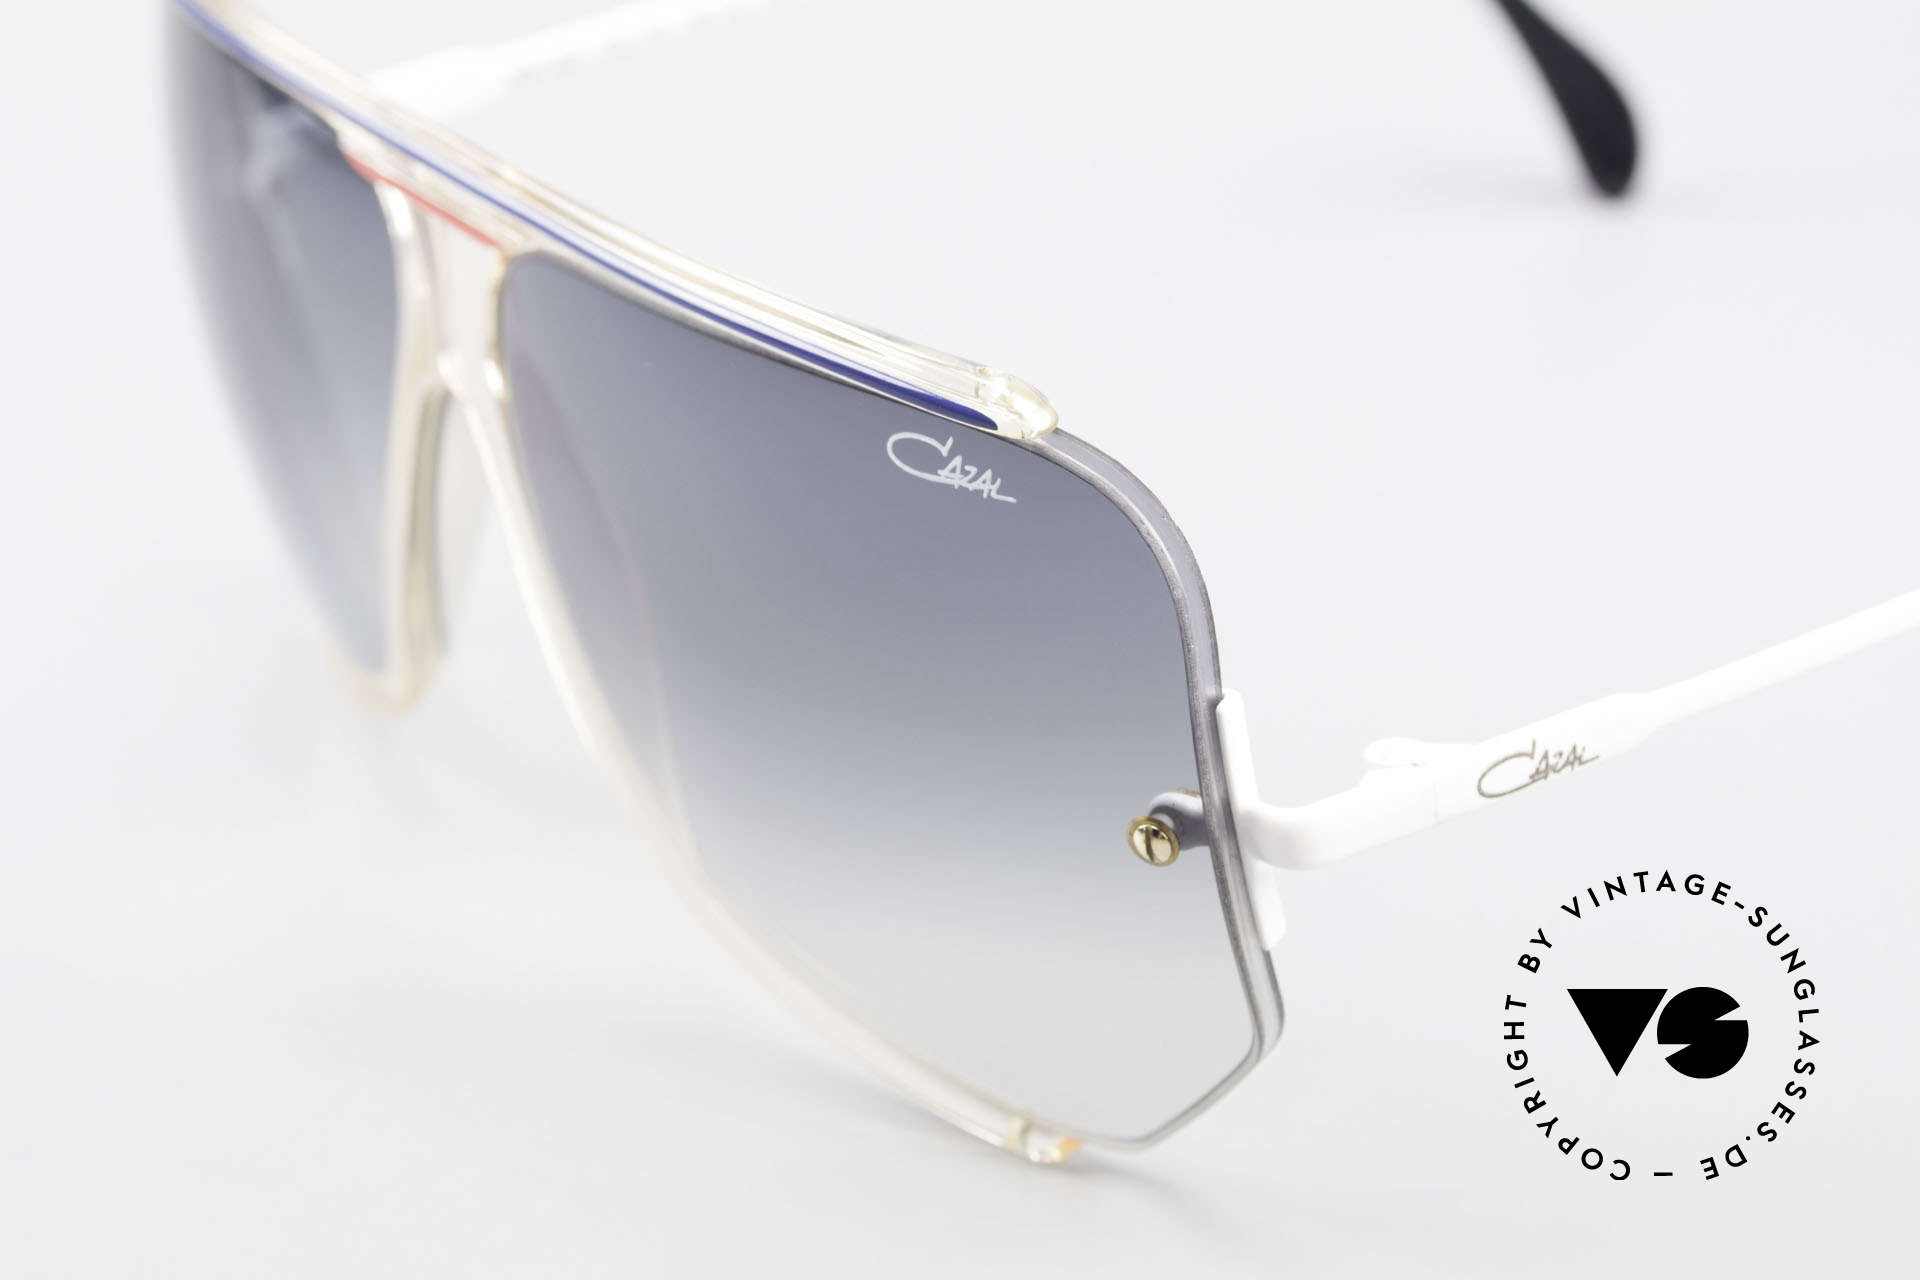 Cazal 850 Old School 80er Sonnenbrille, Cazals Modifikation der gewöhnlichen Pilotenform, Passend für Herren